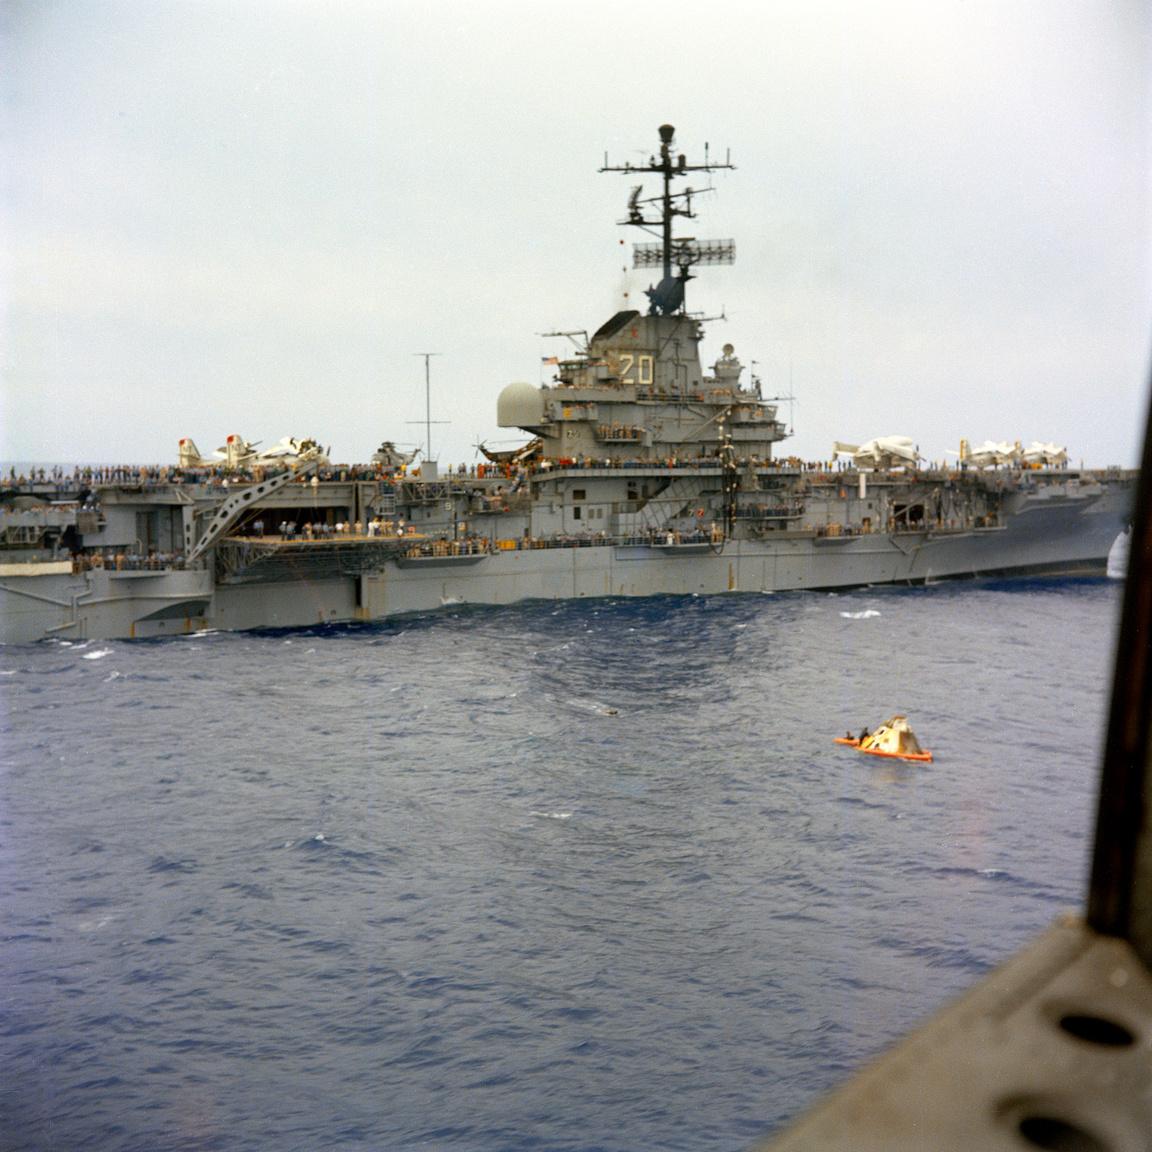 A USS Bennington repülőgéphordozó megközelíti az űrből visszatért parancsnoki modult. Az űrhajónál könnyűbúvárok dolgoznak, hogy felkészítsék a szerkezetet a daruzásra.